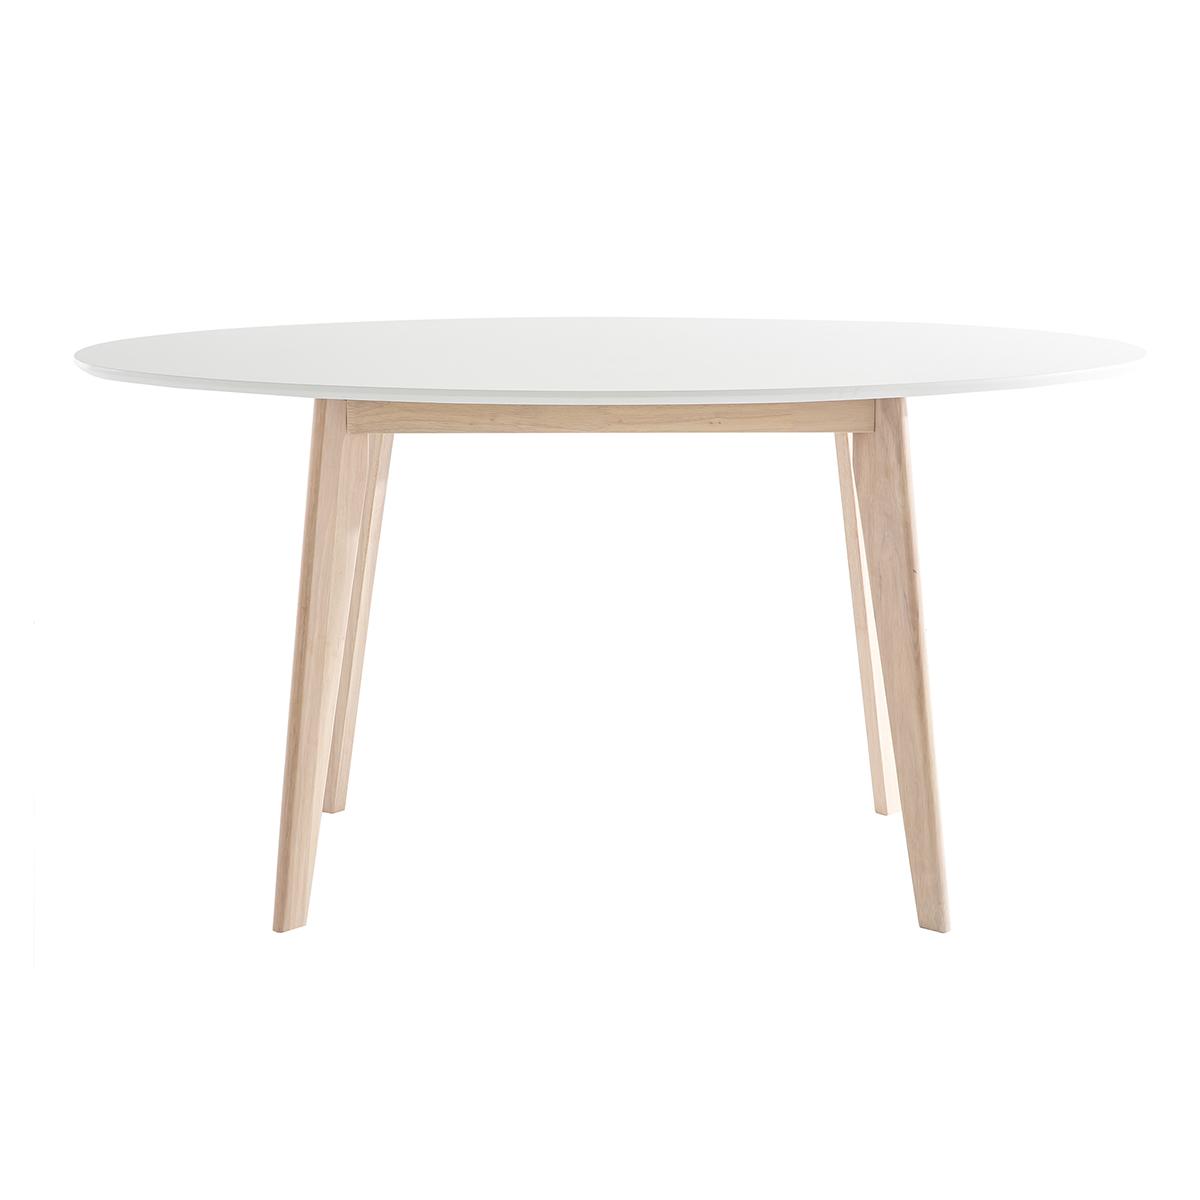 Tavolo ovale 150cm bianco e legno chiaro LEENA